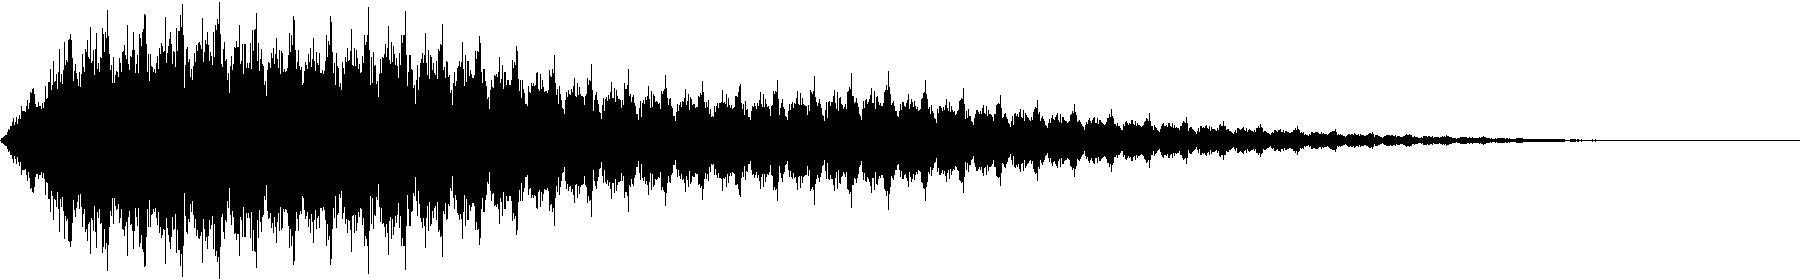 vfx1 atmos 37